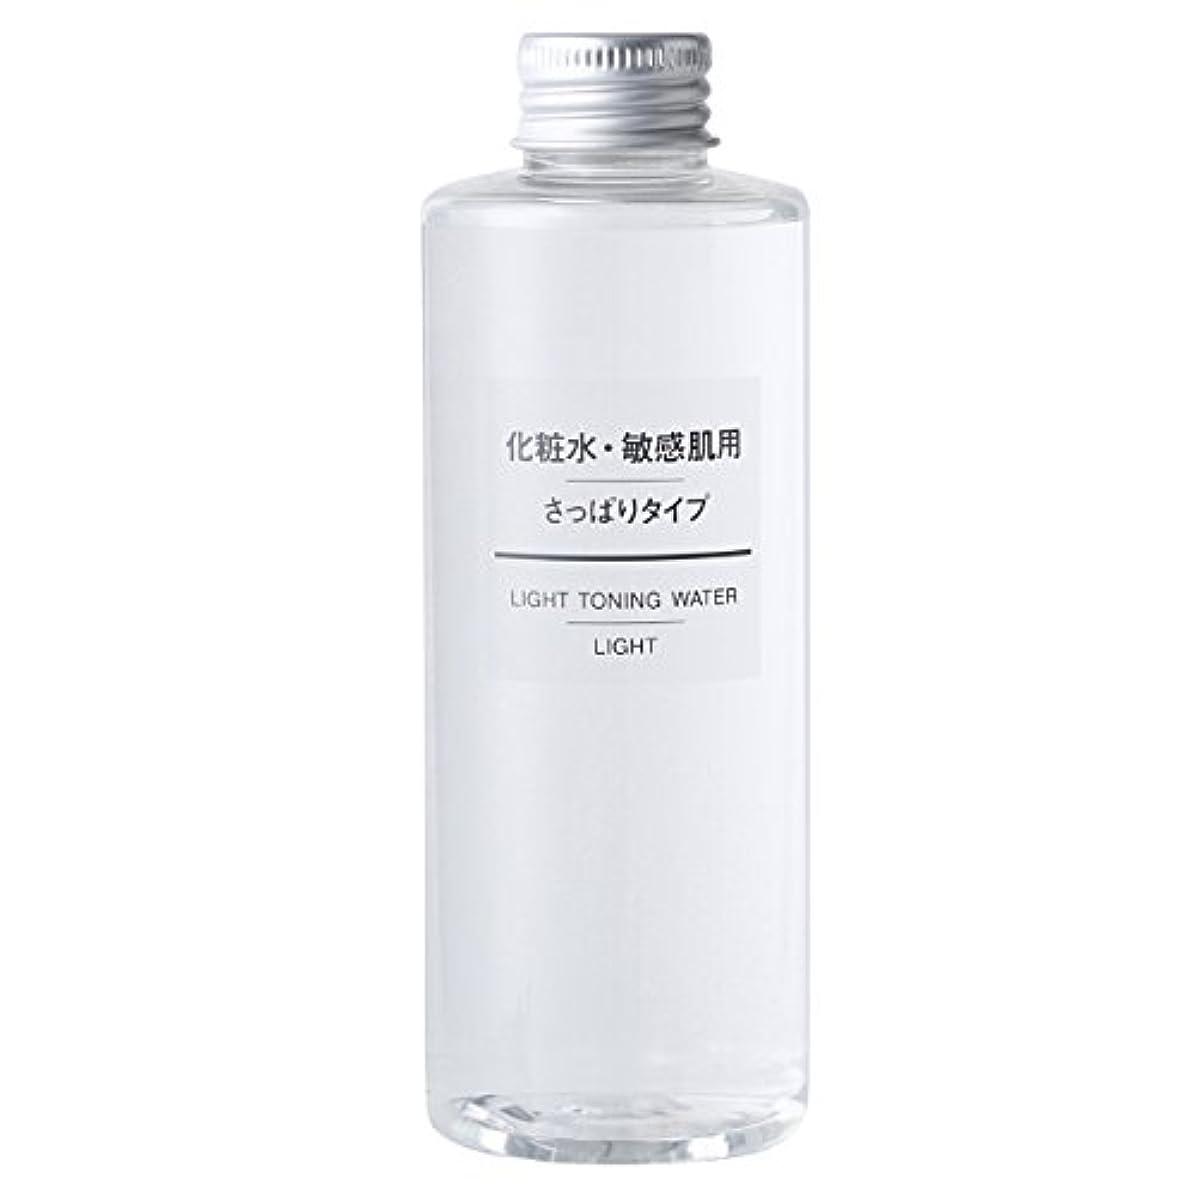 珍味モバイルドラム無印良品 化粧水?敏感肌用?さっぱりタイプ 200mL